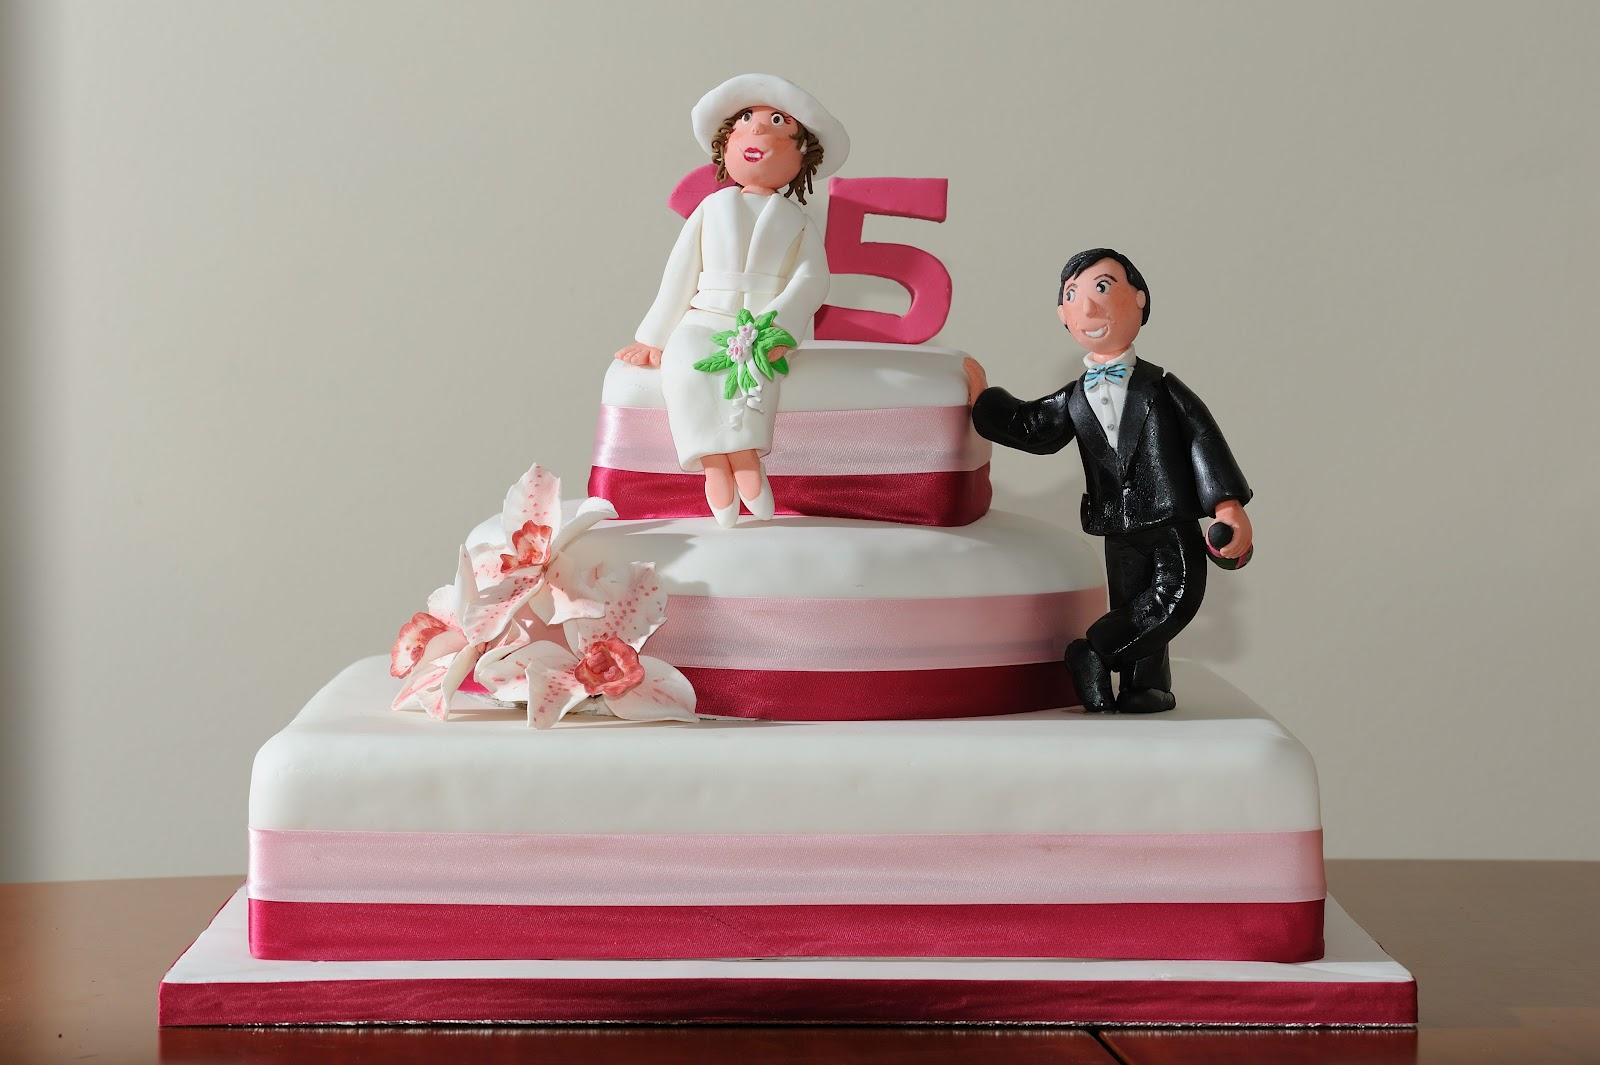 Capricci di torte 25 anni di matrimonio valgano tanta for Immagini 25 anni matrimonio